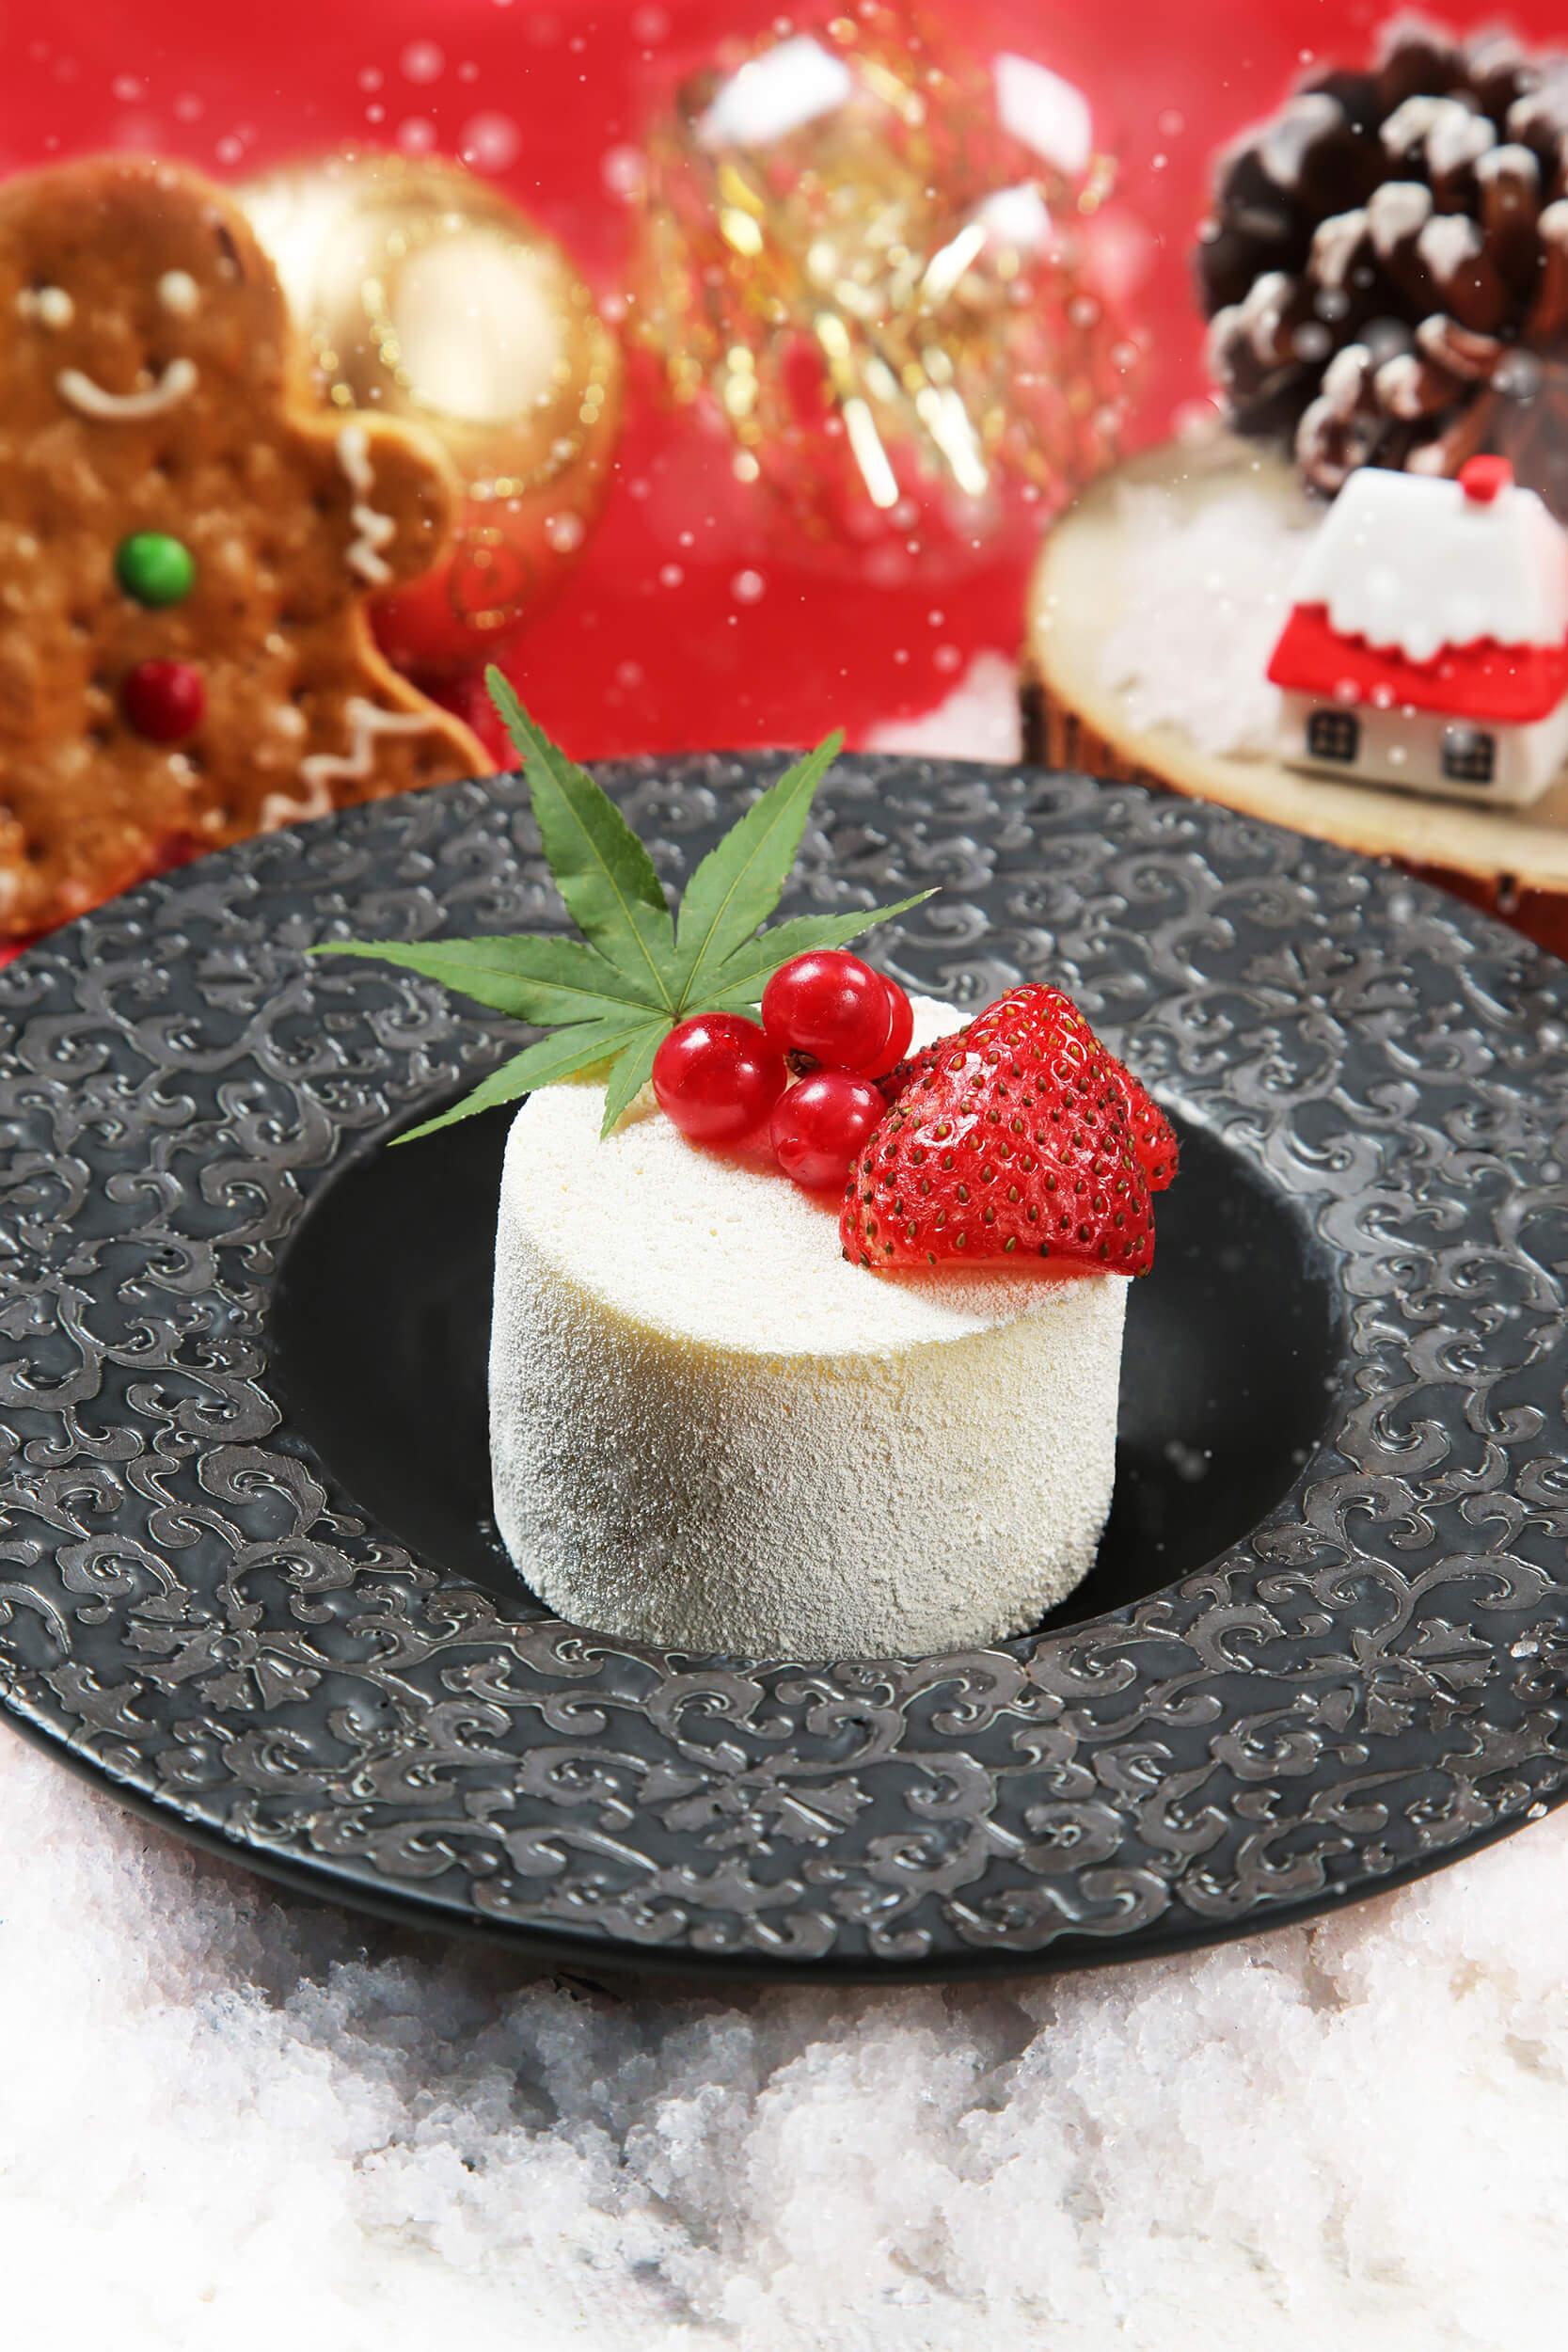 日本草莓白朱古力慕絲,入口有濃郁的草莓幽香和朱古力香醇,充滿甜蜜滋味。